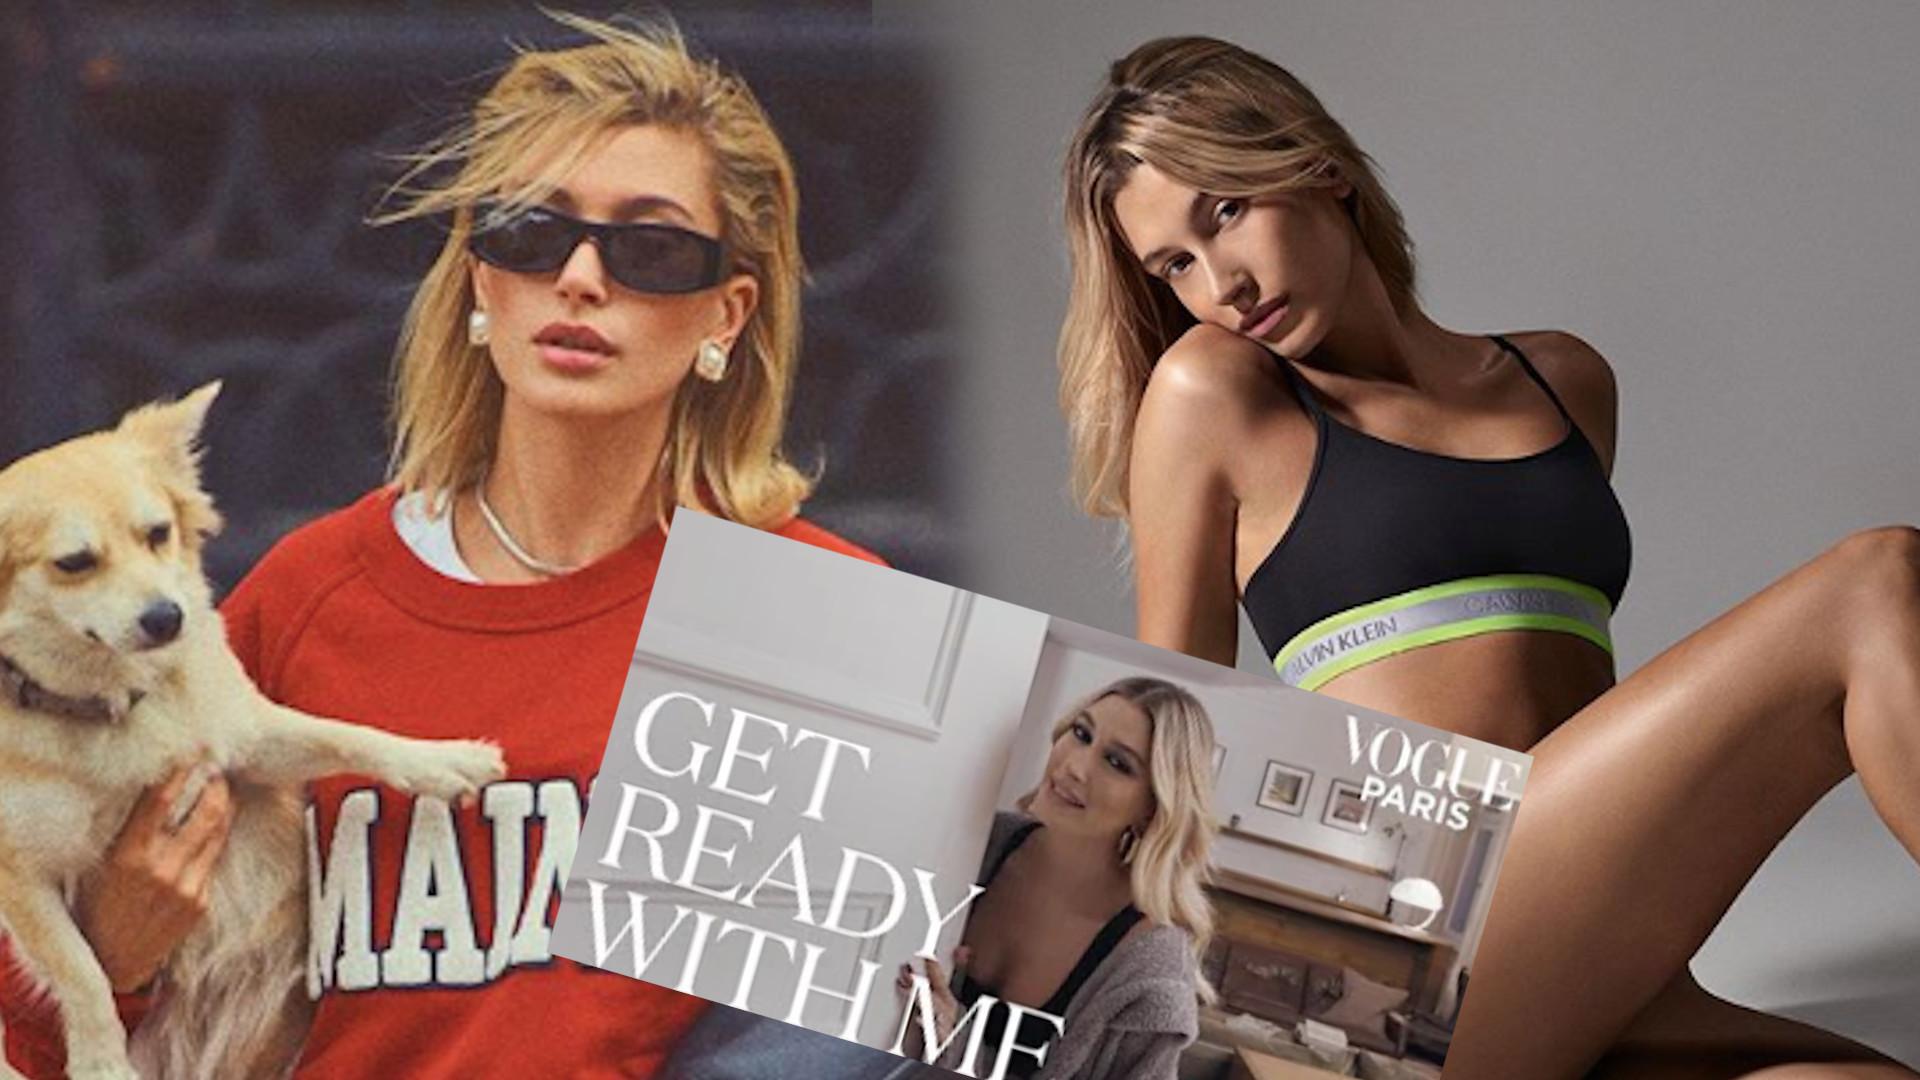 Hailey Bieber udzieliła wywiadu dla paryskiego Vogue'a. Poznaliśmy tajemnicę jej dobrego stylu (WIDEO)